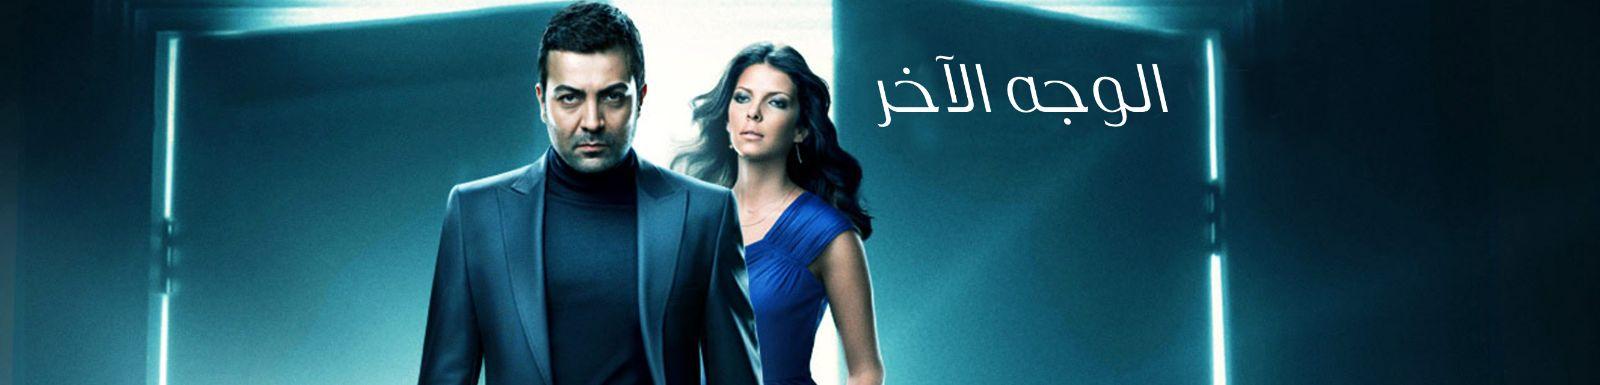 مشاهدة وتحميل مسلسل الوجه الآخر الحلقة 65 الخامسة والستون كاملة 2014